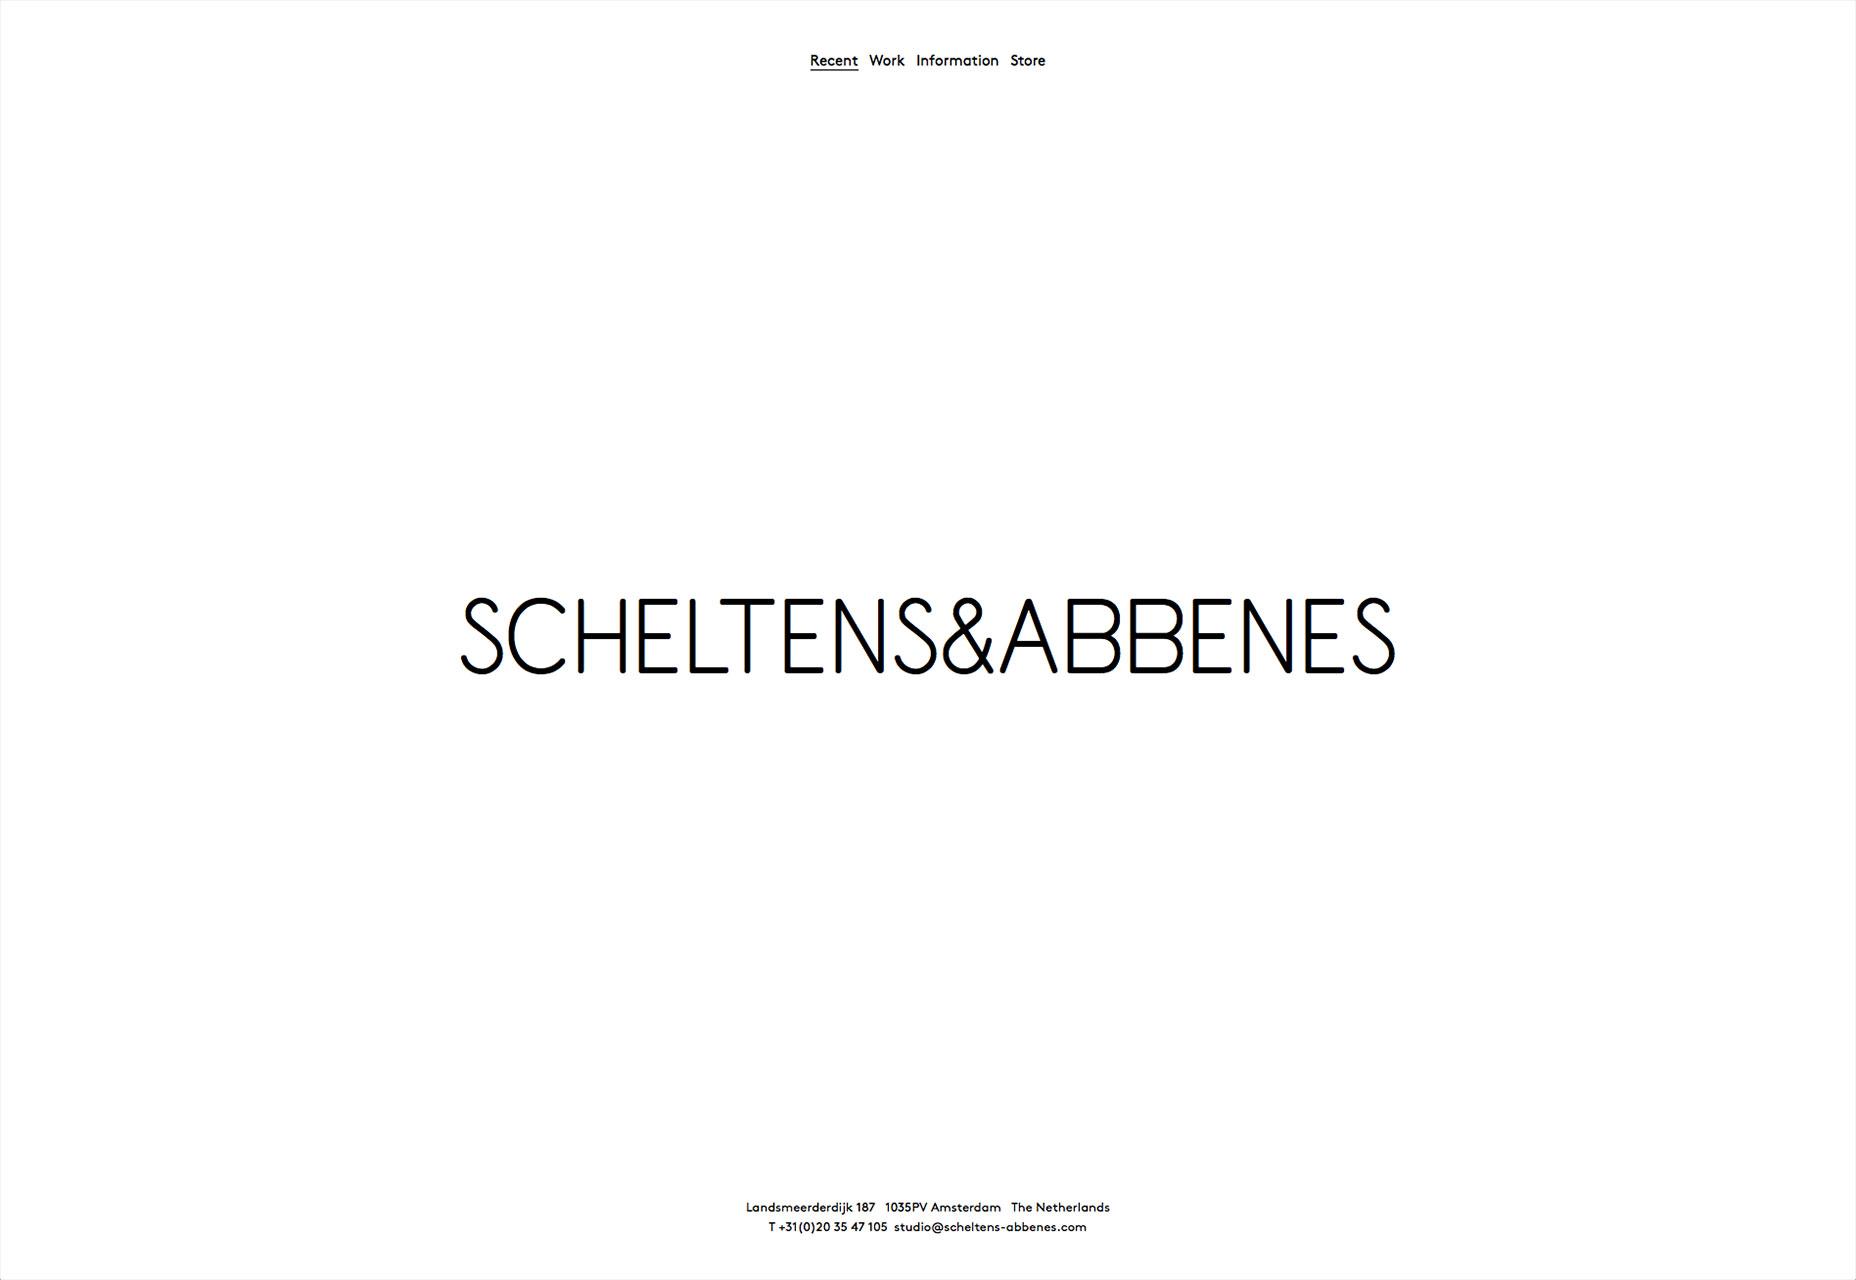 Scheltens-Abbenes